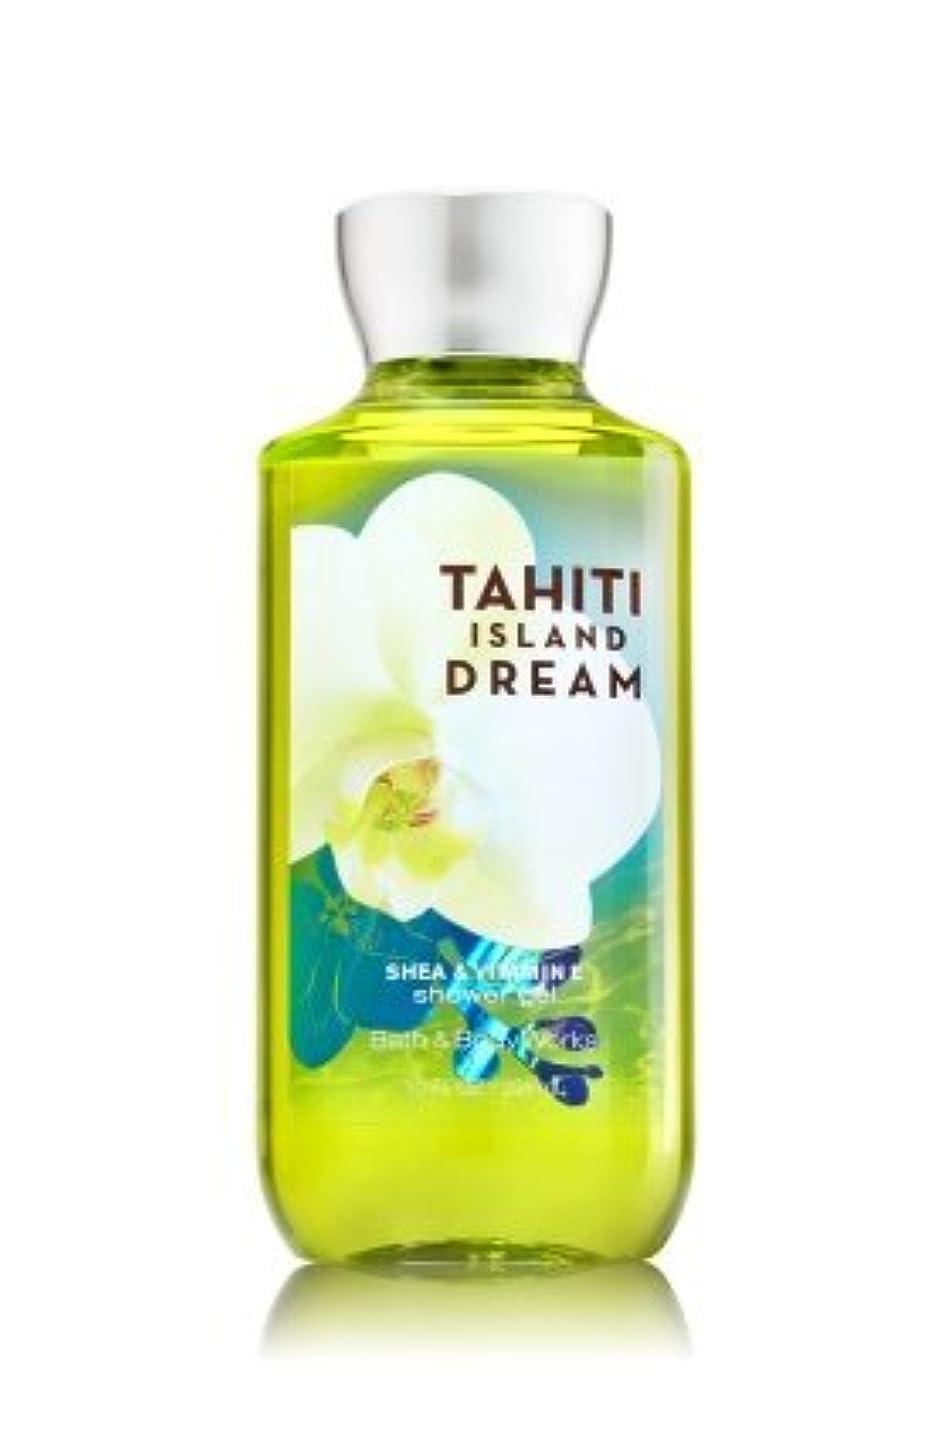 可愛いマーカー付き添い人【Bath&Body Works/バス&ボディワークス】 シャワージェル タヒチアイランドドリーム Shower Gel Tahiti Island Dream 10 fl oz / 295 mL [並行輸入品]